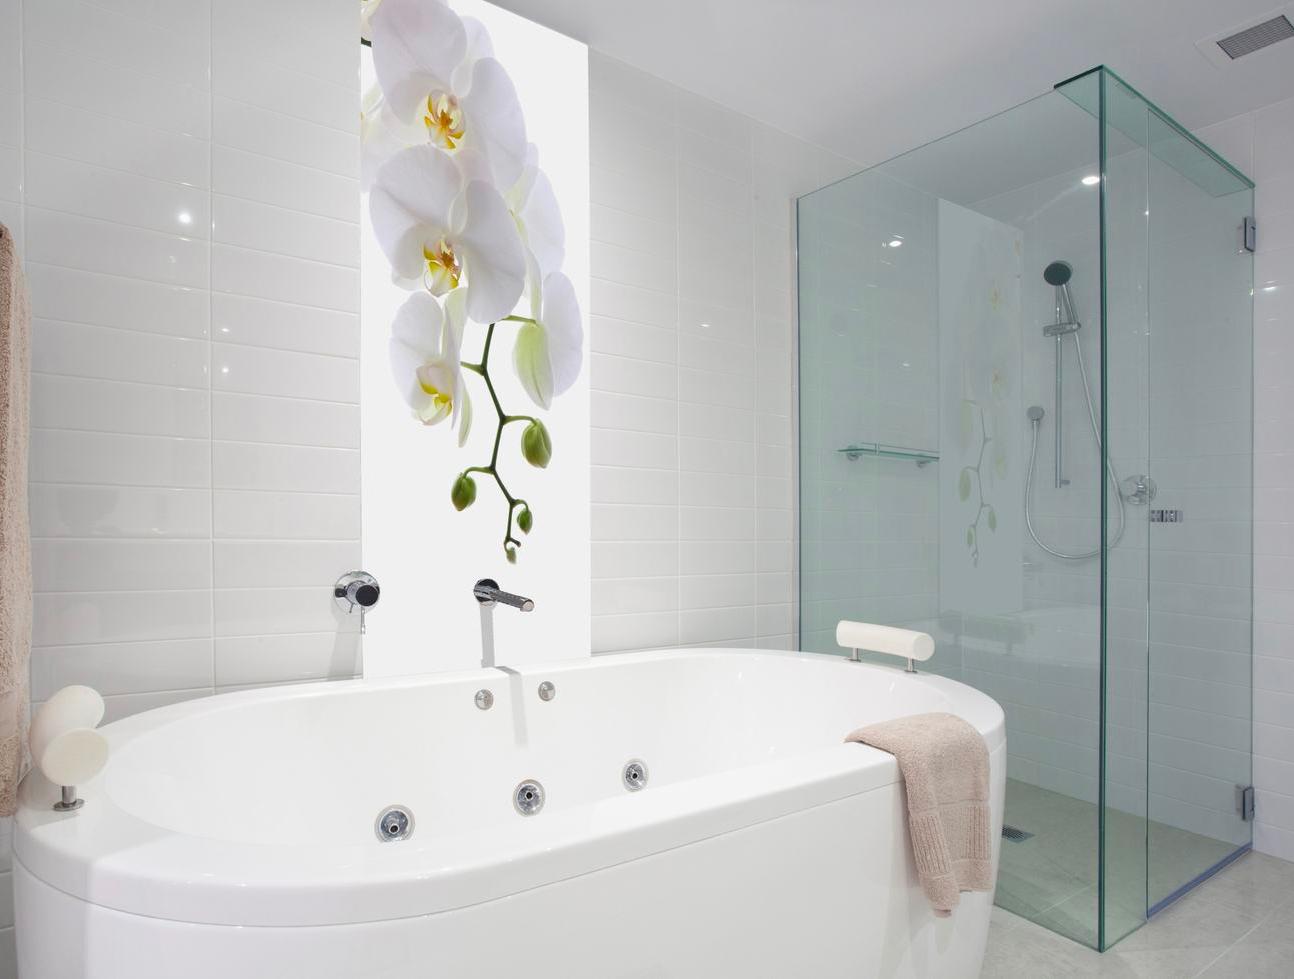 Feuchtigkeitsschutz Fur Das Badezimmer Die Ruckwand Ist Ein Moderner Fliesenersatz Und Eignet Sich Fu Badezimmer Einrichtung Badezimmer Badezimmer Umgestalten